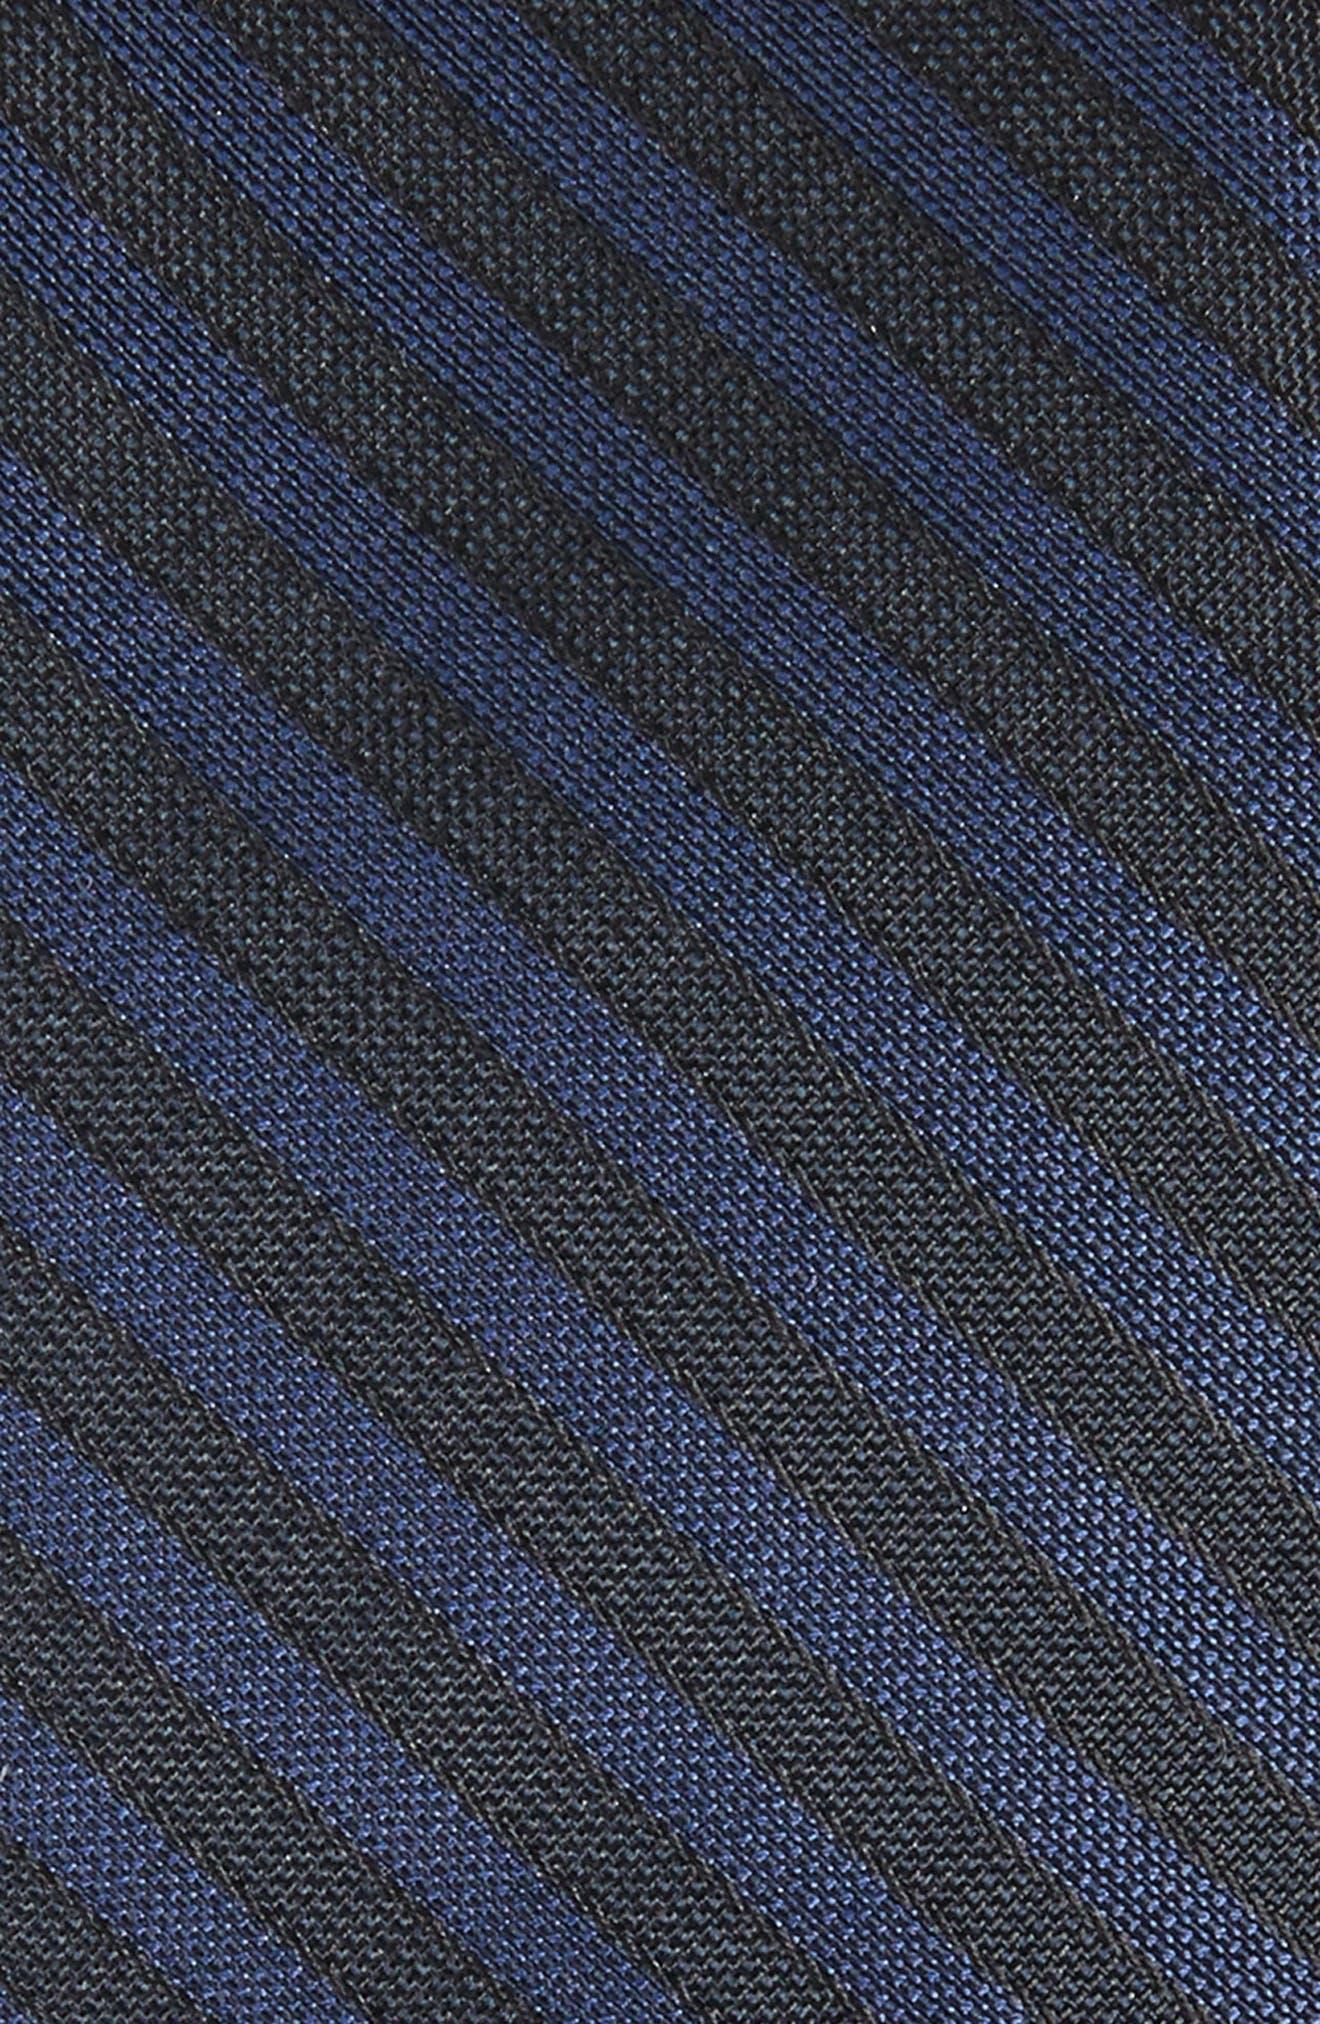 Pop Up Stripe Tie,                             Alternate thumbnail 2, color,                             001